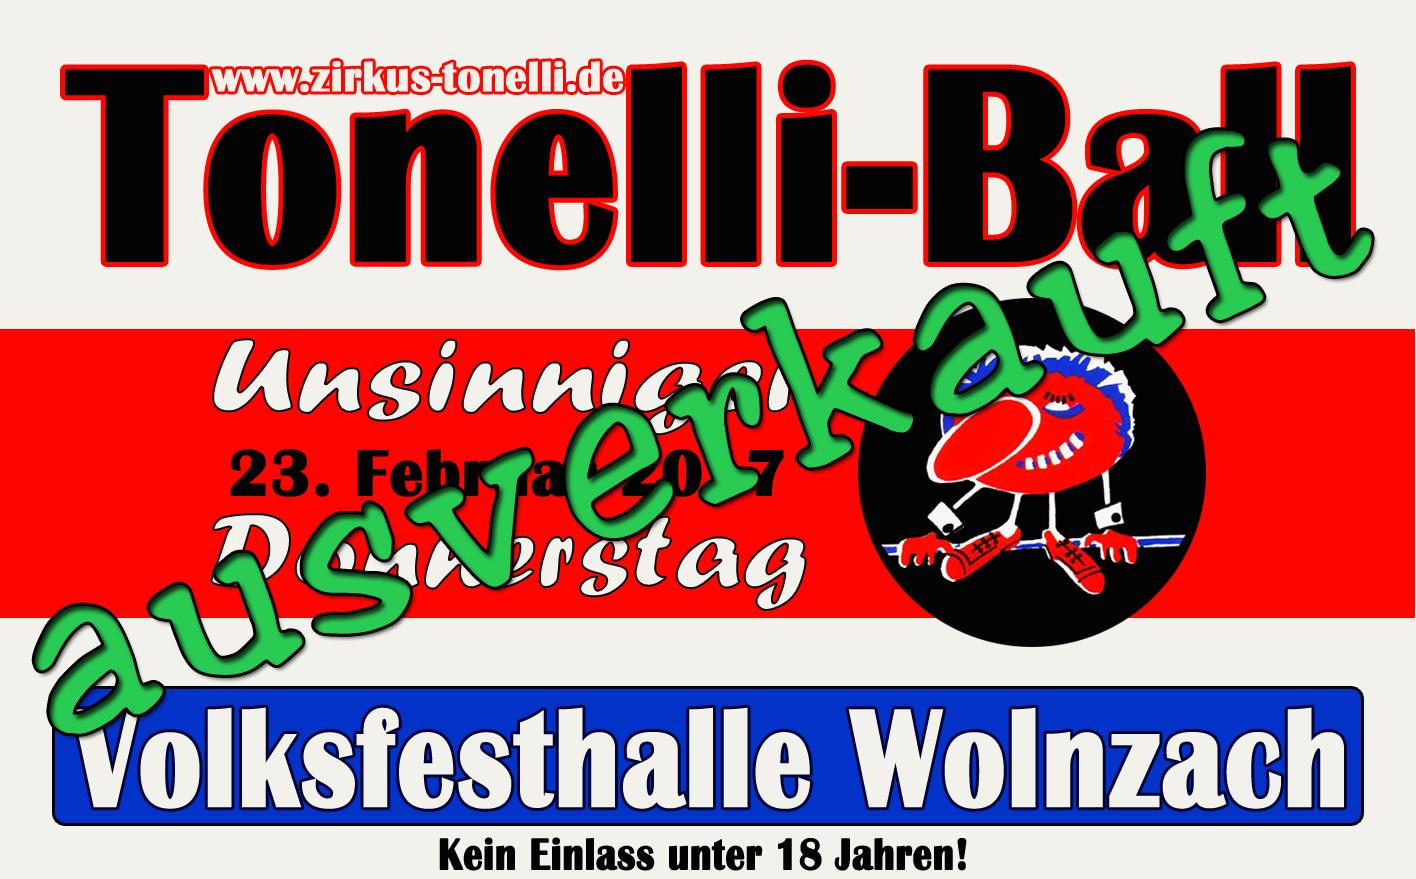 2017-02-23-ball-zirkus-tonelli-ausverkauftde.jpg